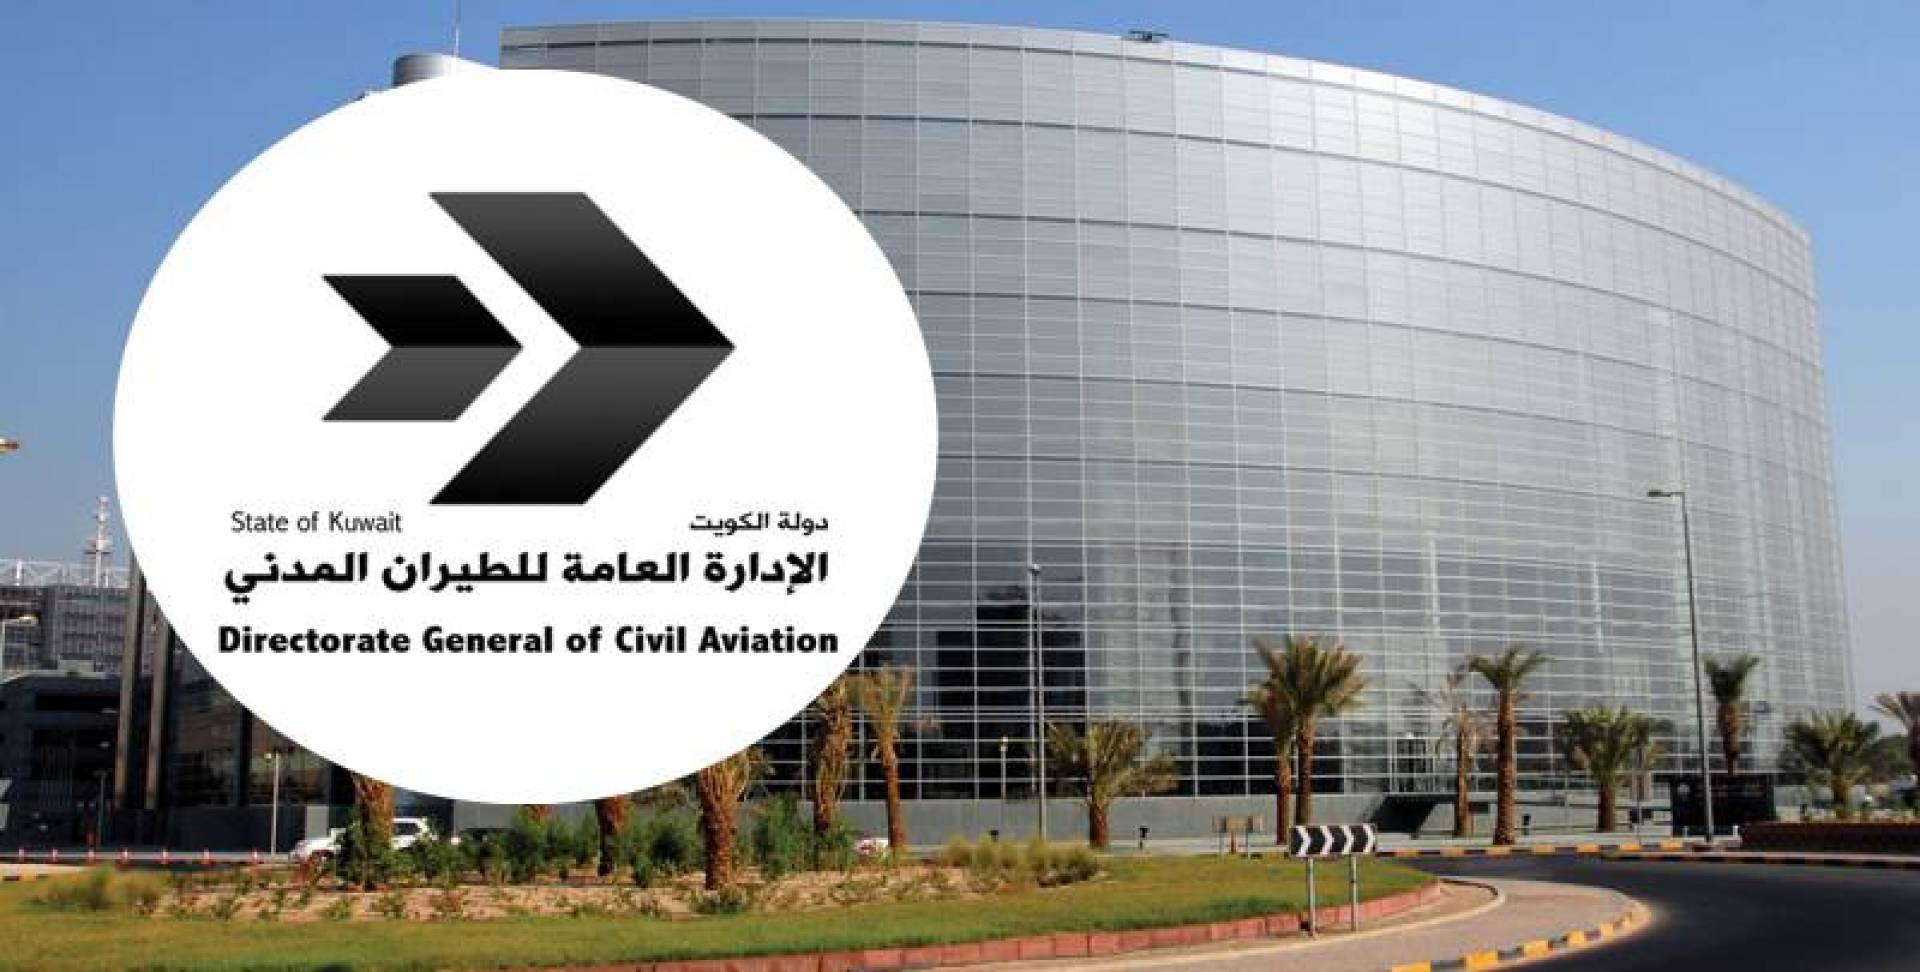 المحاسبة لـ«الطيران المدني»: قصور في تحصيل رسوم عبور الأجواء الكويتية